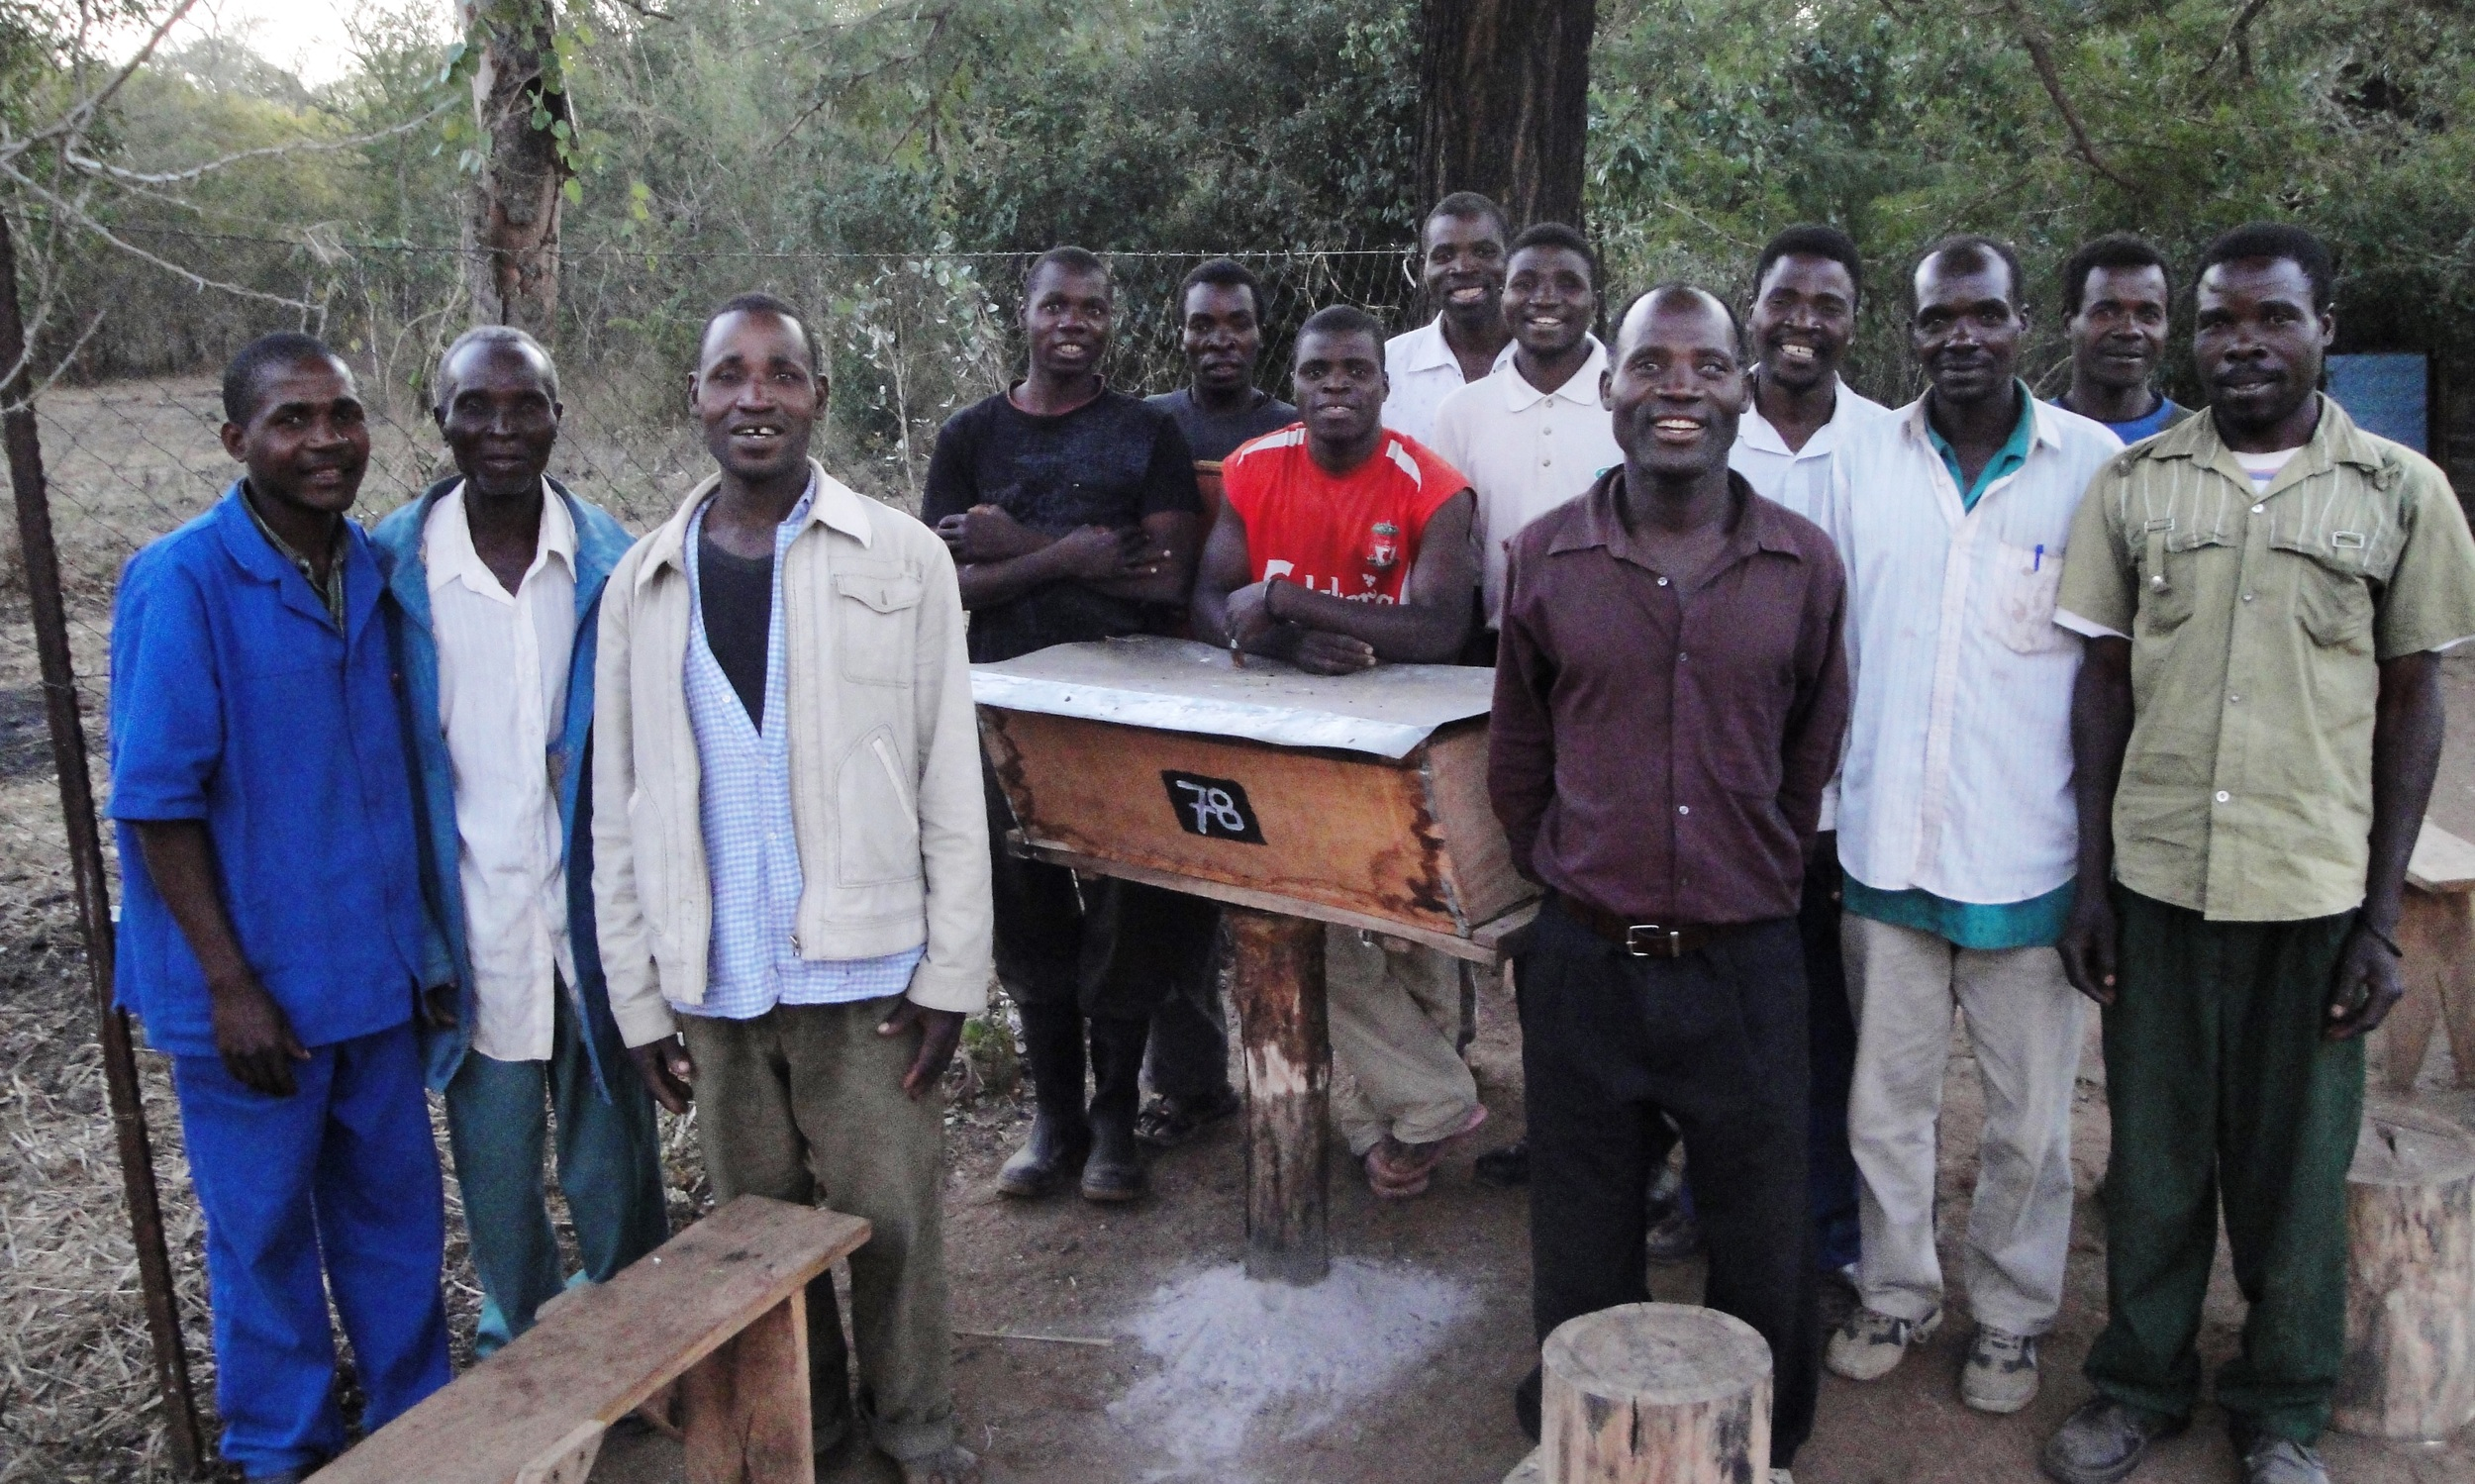 Formação da comunidade no centro de Catapu  - Community training atthe Catapu centre